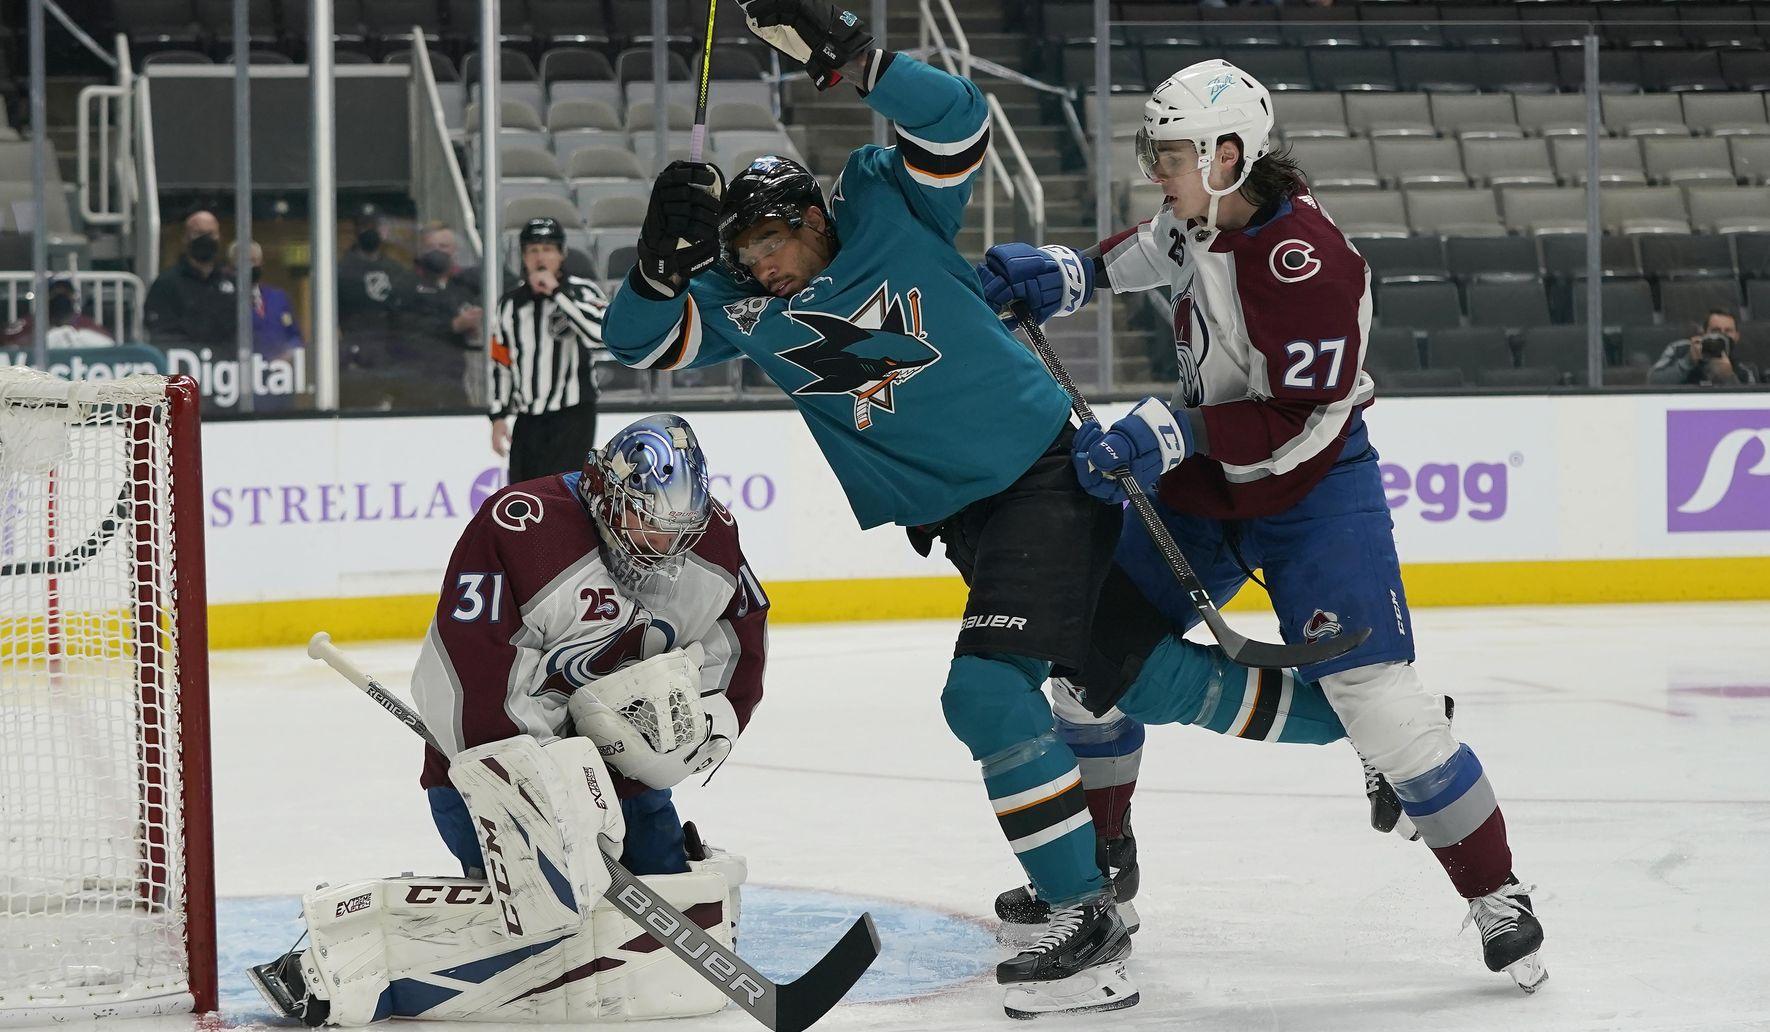 Avalanche_sharks_hockey_89747_c0-182-4351-2718_s1770x1032